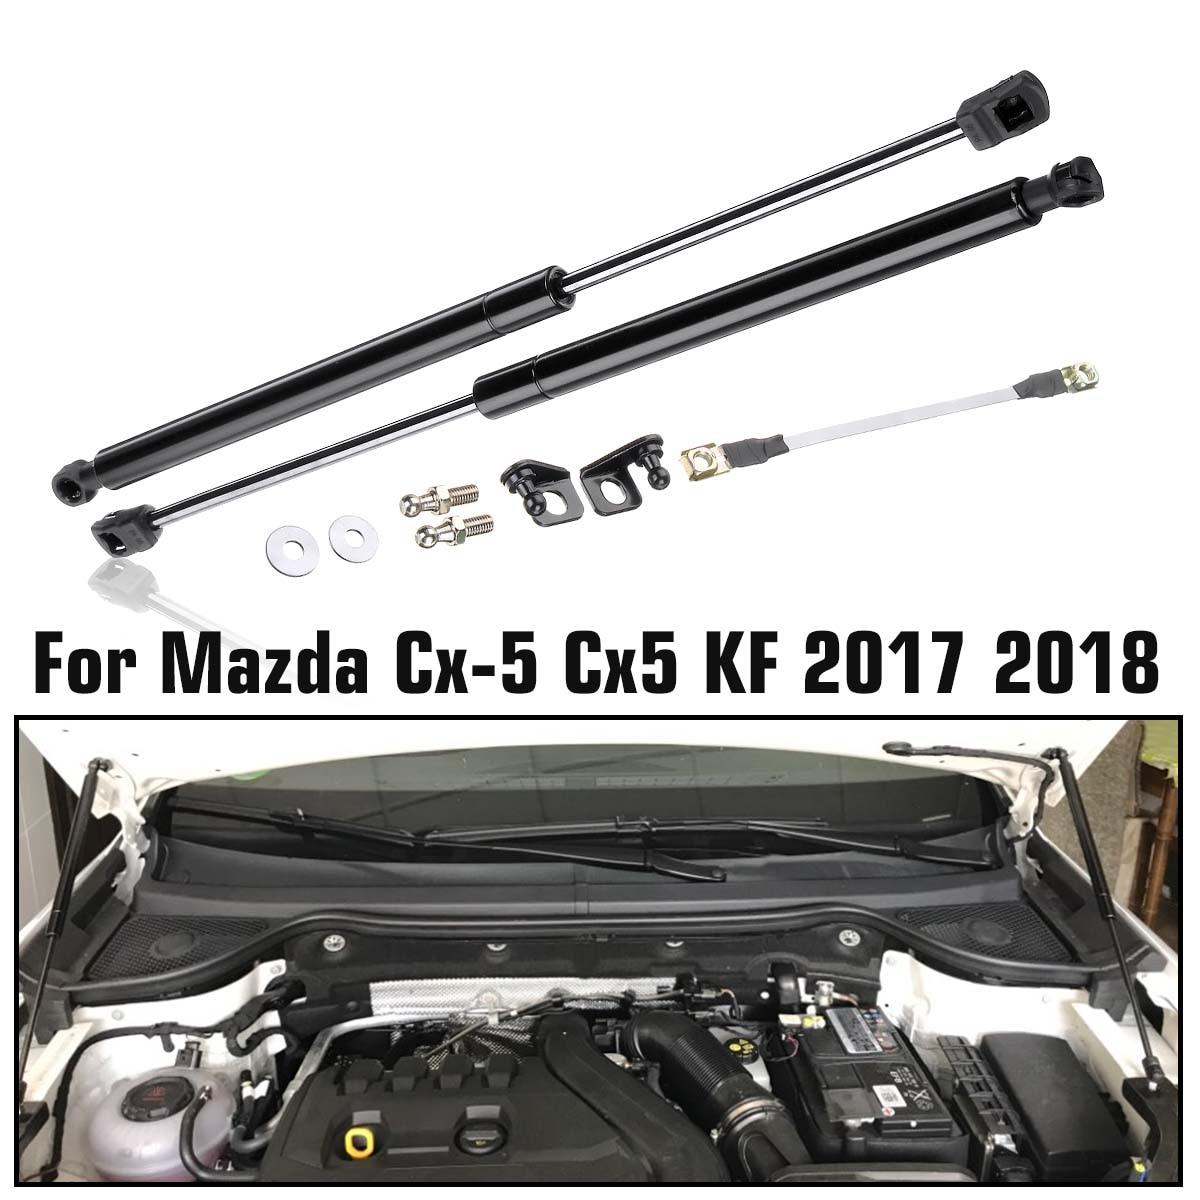 Araba motoru kapağı destekler çubuk ön Bonnet Hood kaldırma hidrolik çubuk dikme bahar şok Bar Mazda CX5 CX-5 2017 2018